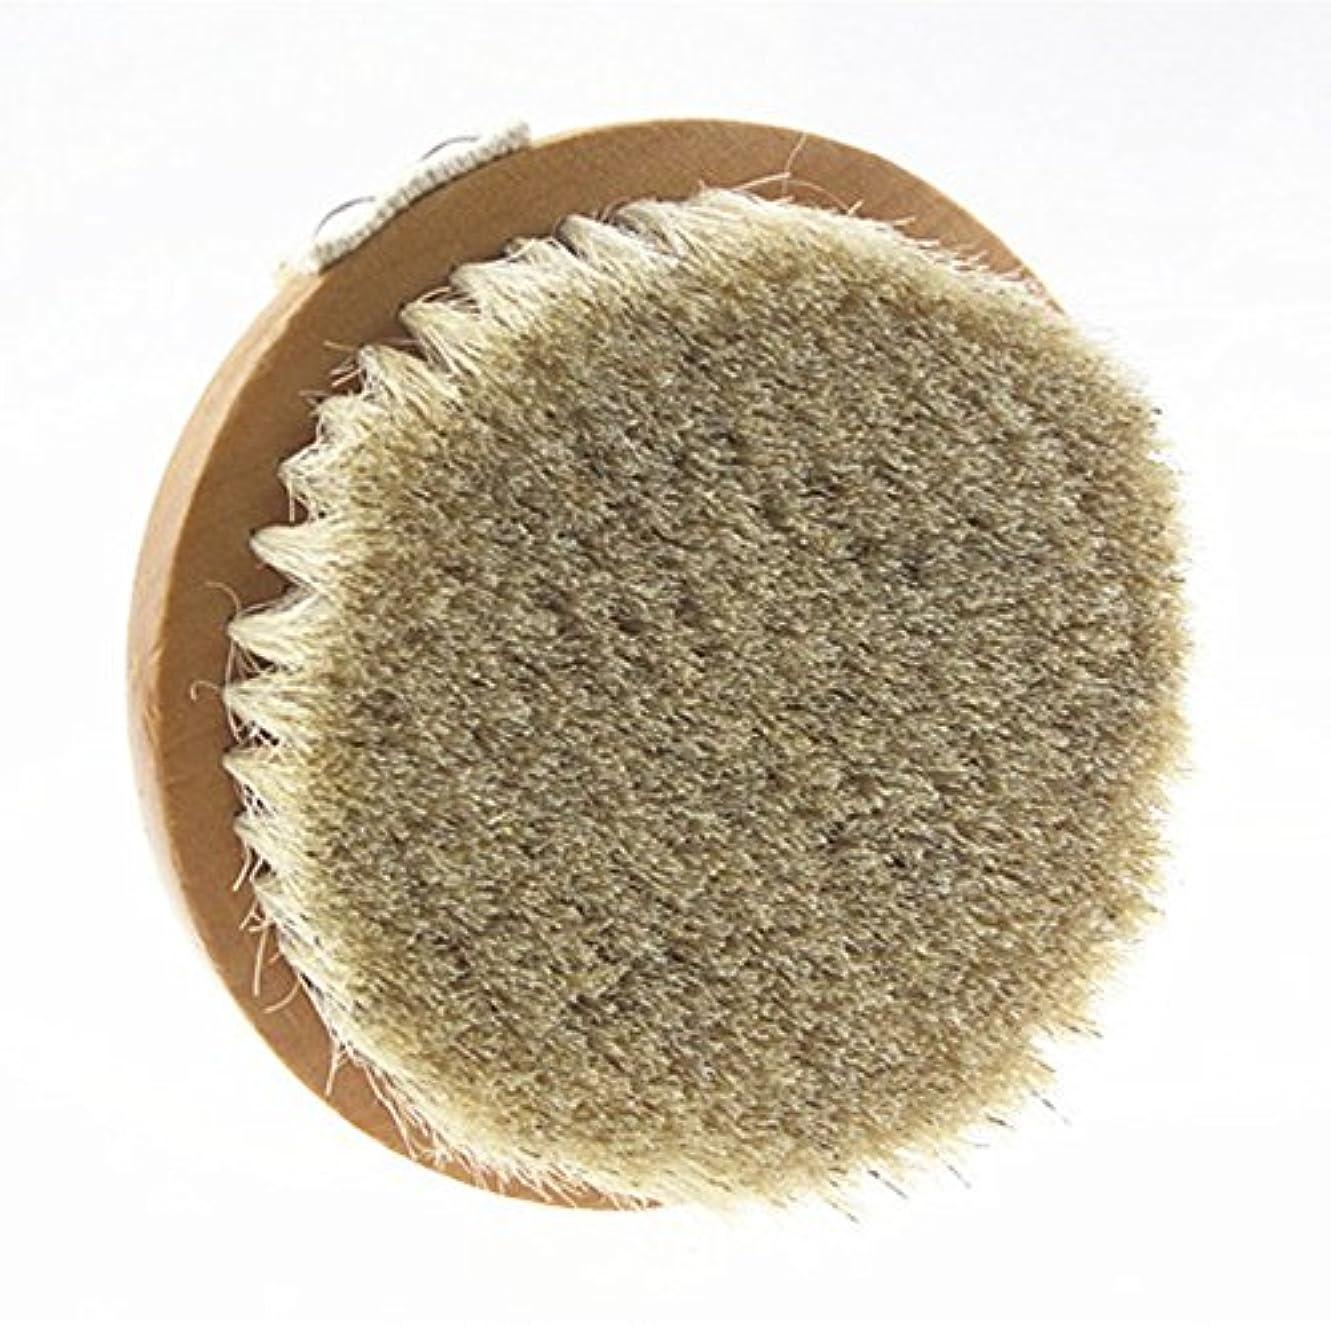 やむを得ないブランデー王位Sweetimes ボディブラシ 丸型 高級な馬毛100% 角質除去 バス用品 天然素材 低刺激 No.20-1